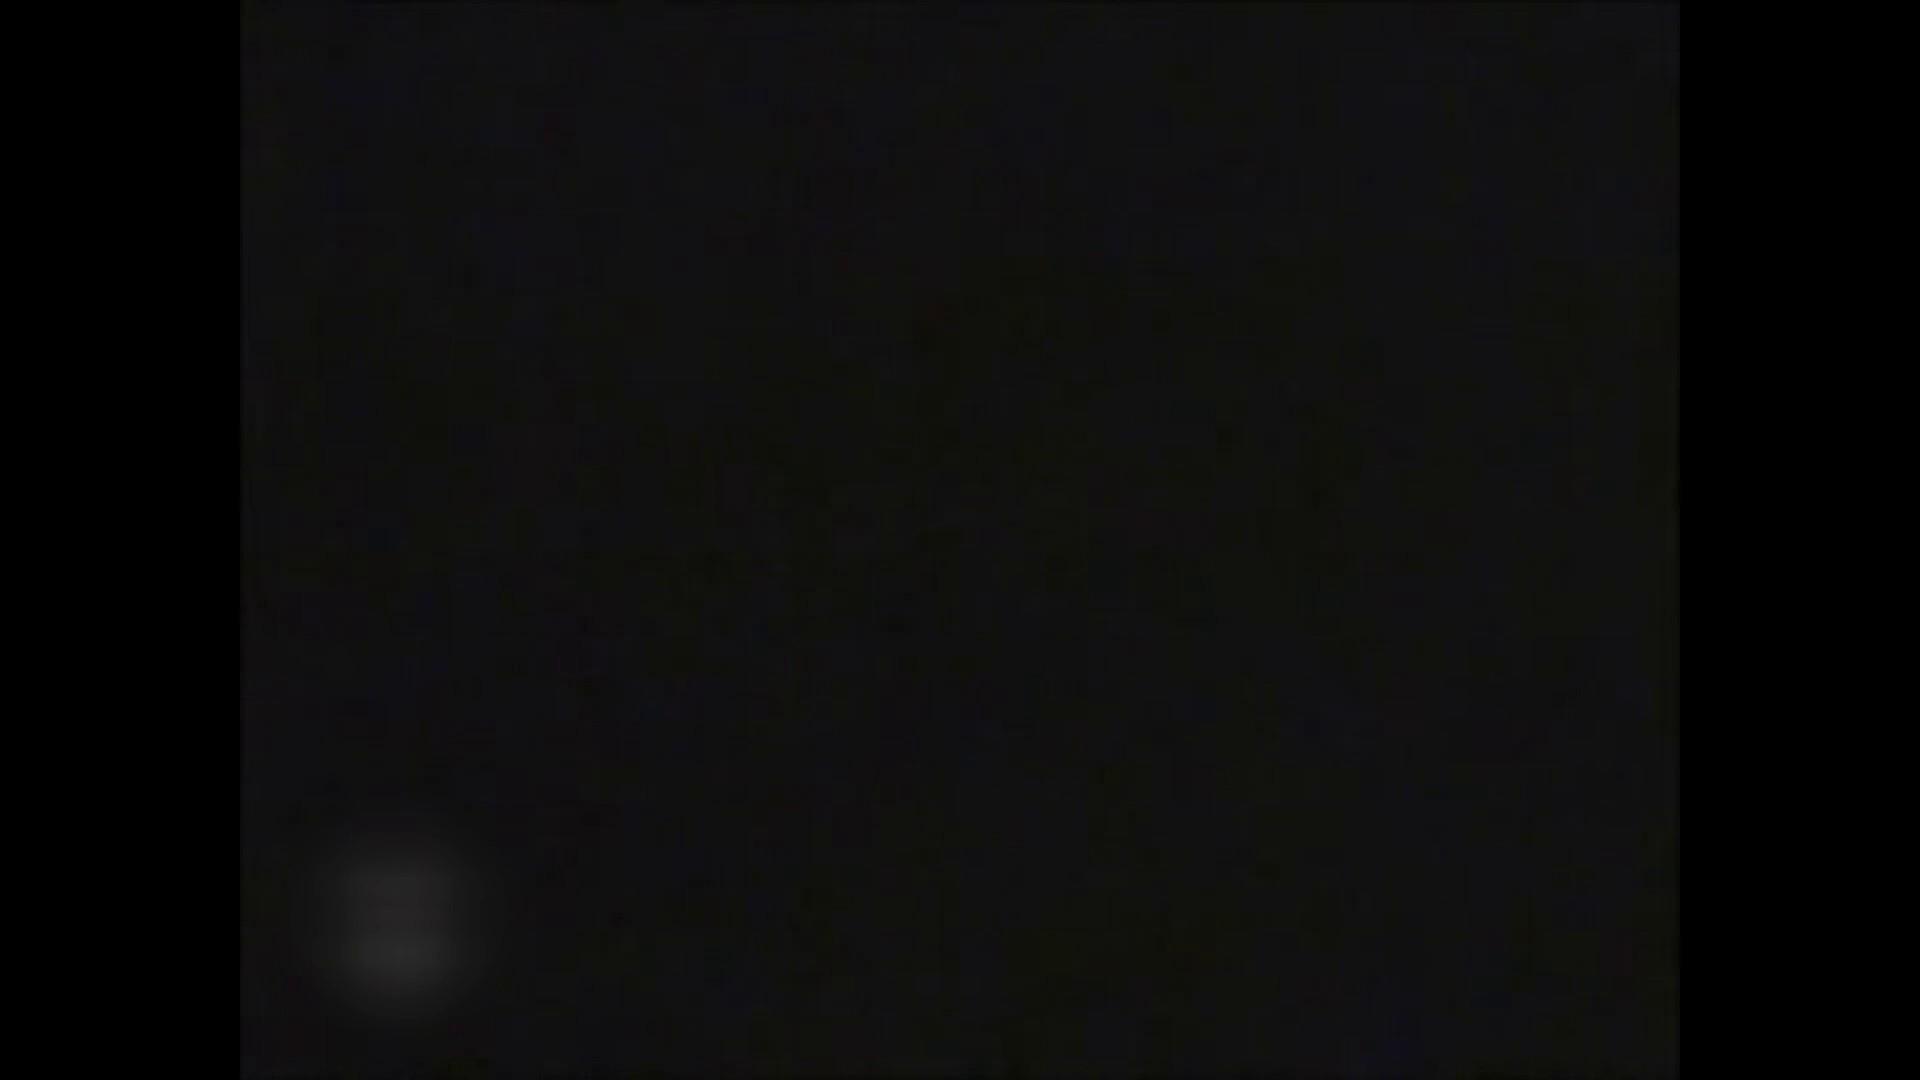 闇の性獣 レ●プ闇の事件簿 企画 | 期間限定  79連発 40